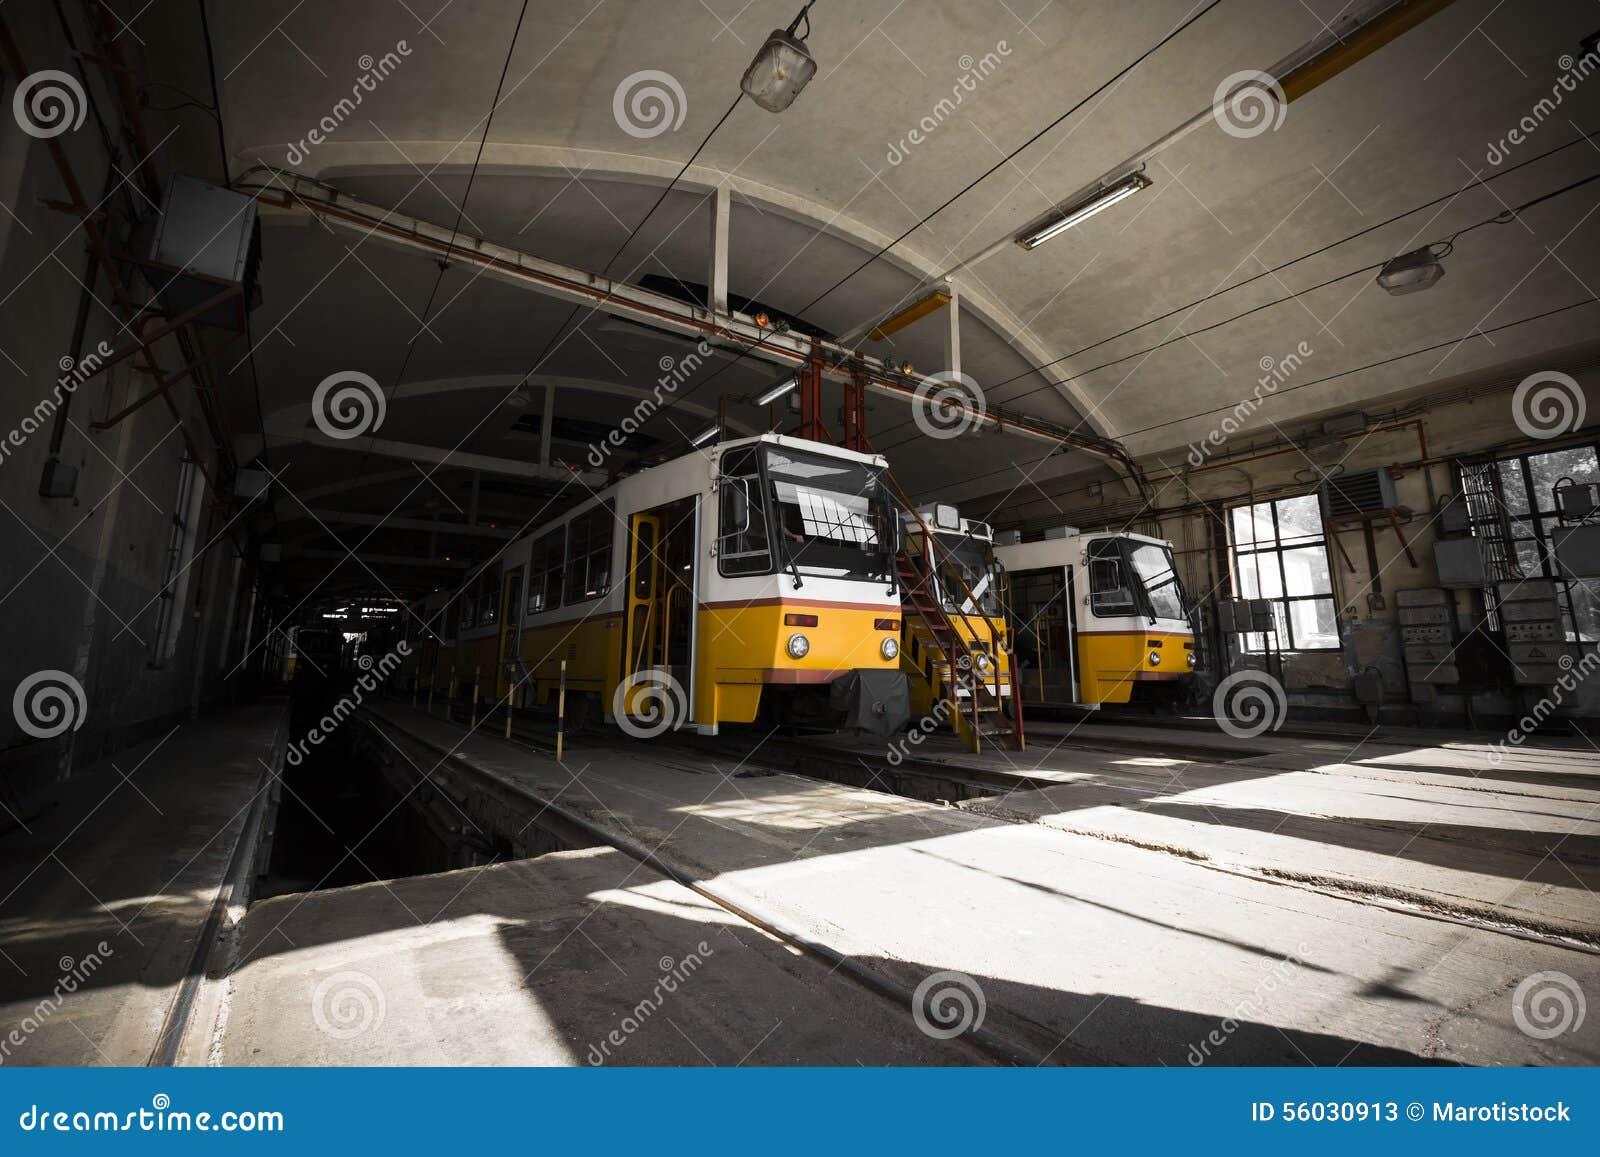 Elektrische Garage Innen, Gelbe Trams